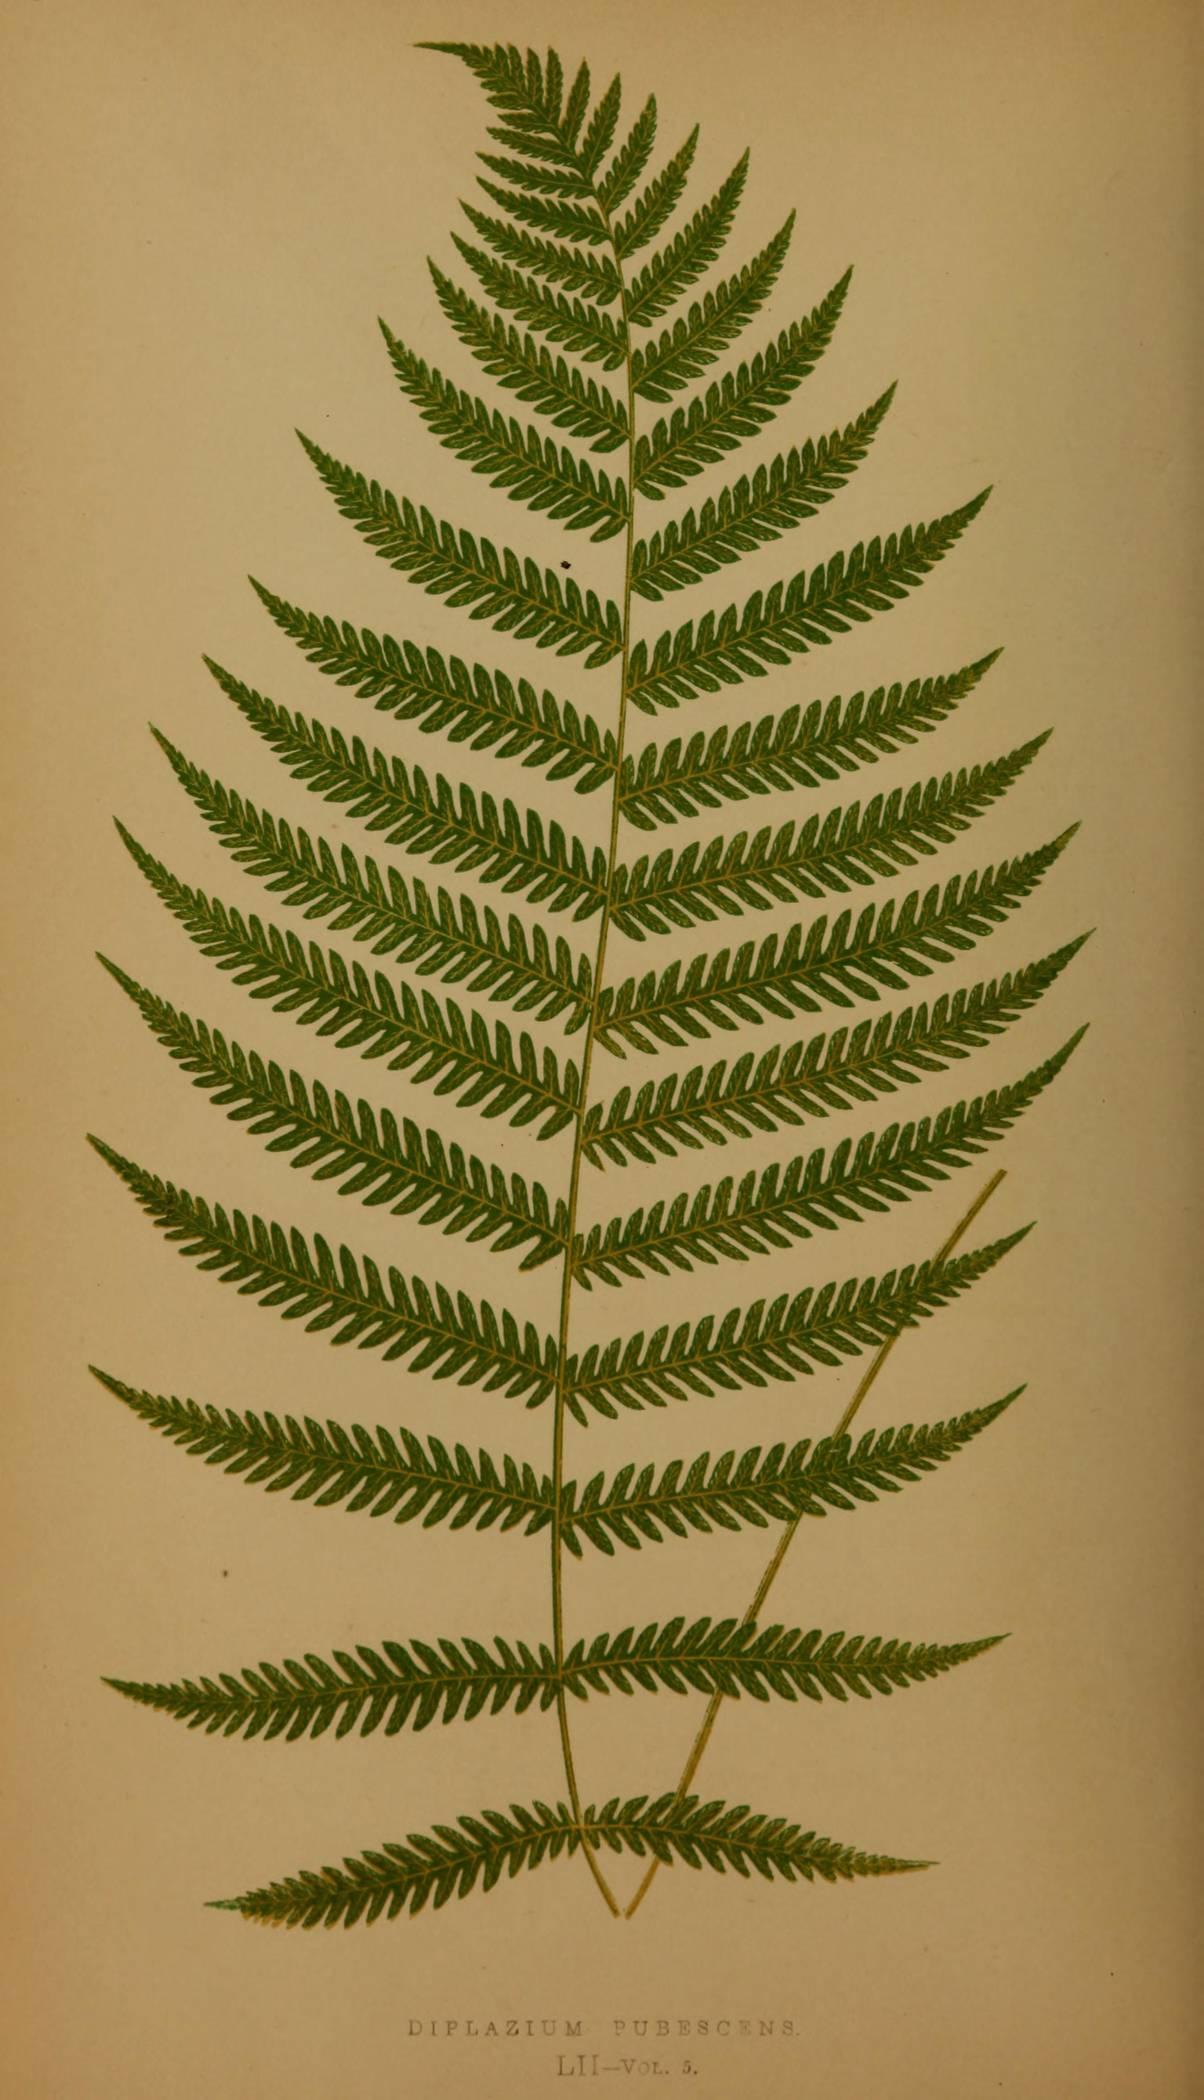 Athyriaceae image